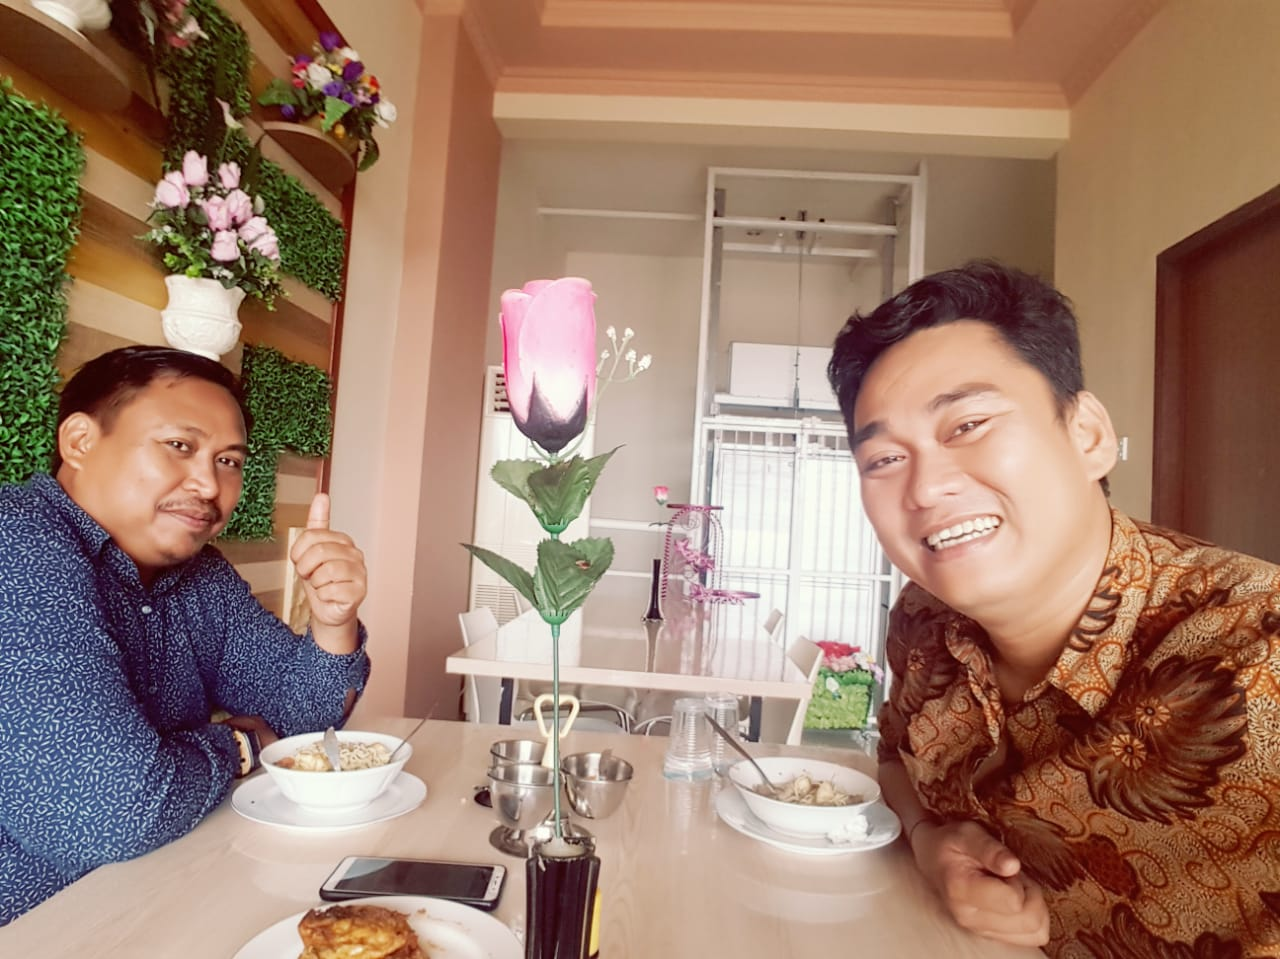 LKBH Makassar Nilai Hukuman Mati Pantas Buat Pelaku Penyiraman Air Keras Ke Novel Baswedan Penyidik KPK